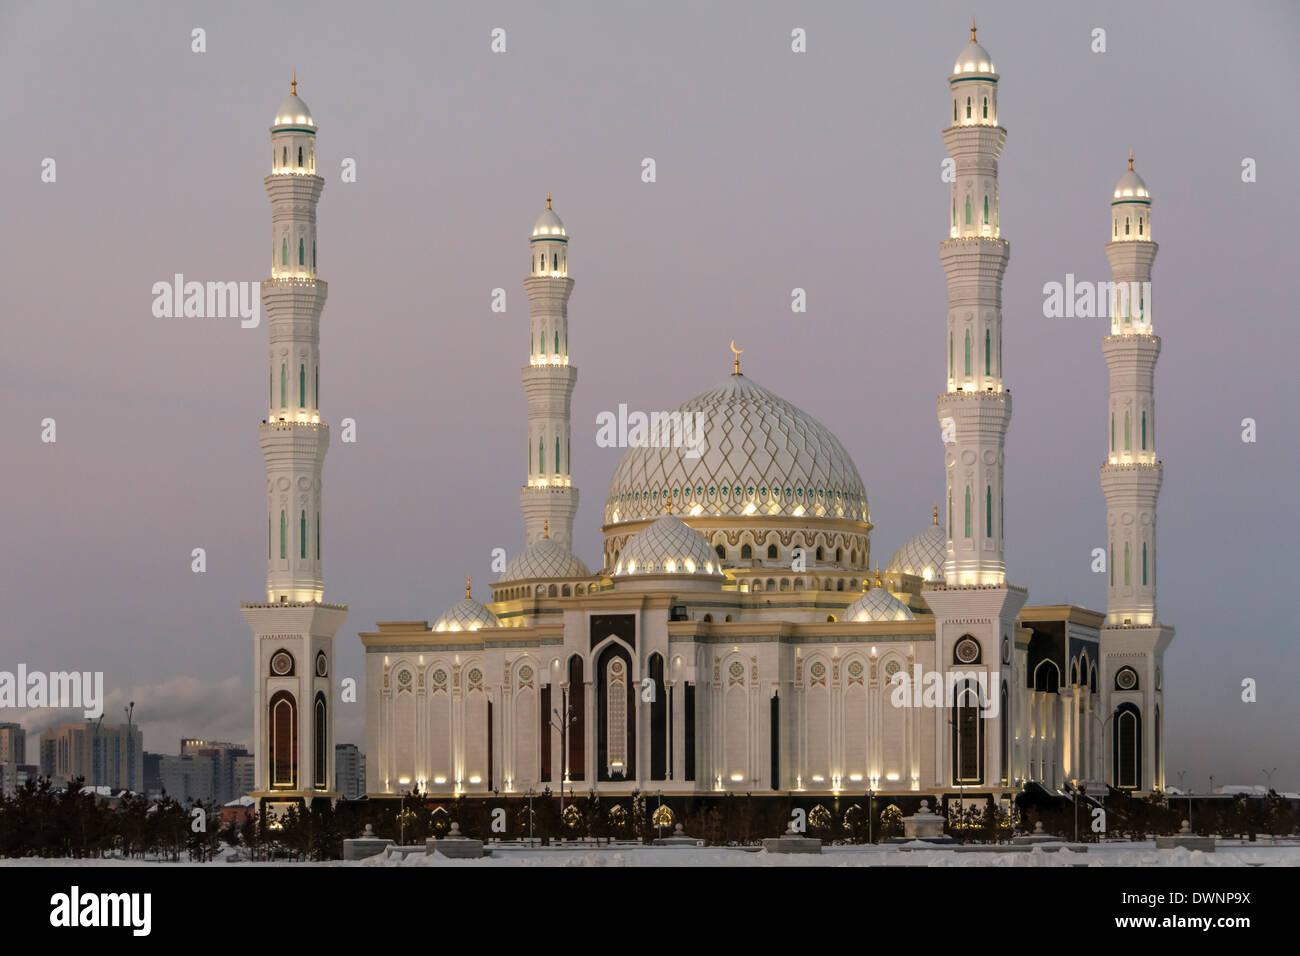 Nur-Astana Mosque at dusk, Astana, Kazakhstan - Stock Image